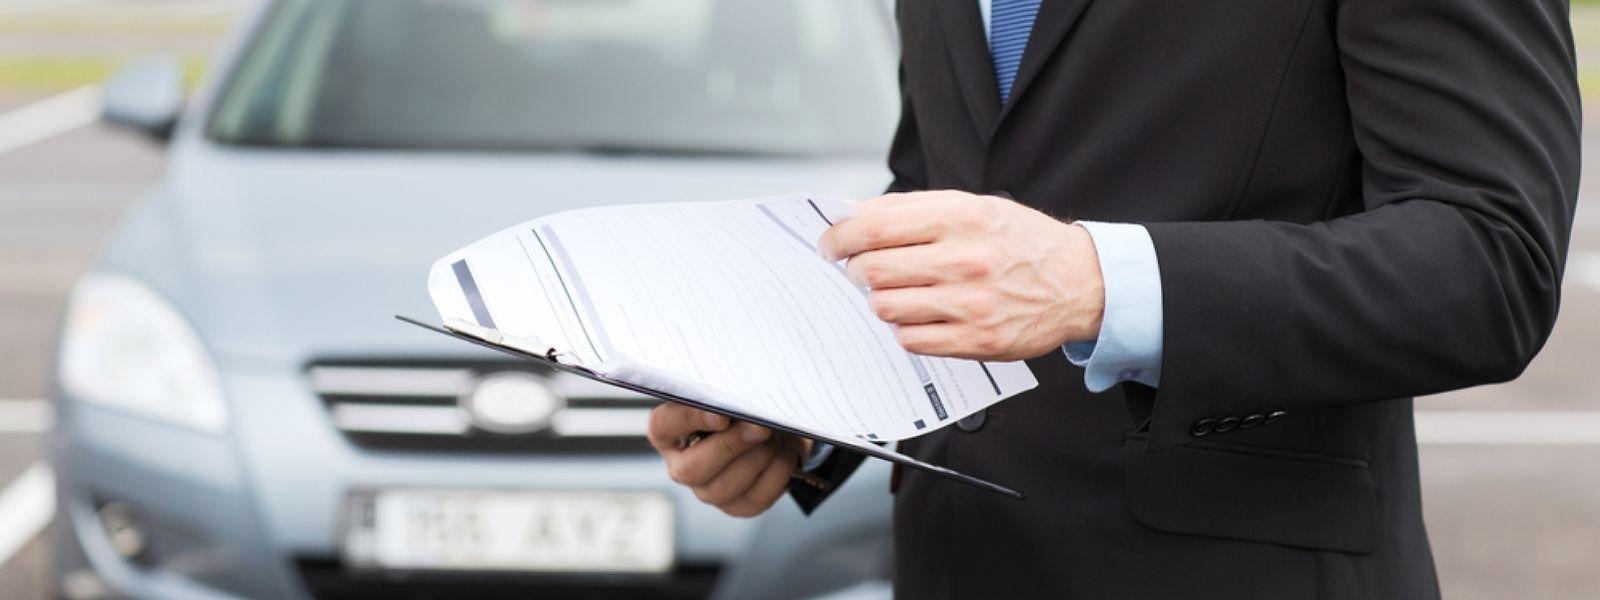 Ziel der Maßnahme ist eine europaweite Vereinheitlichung der Versicherungspapiere.